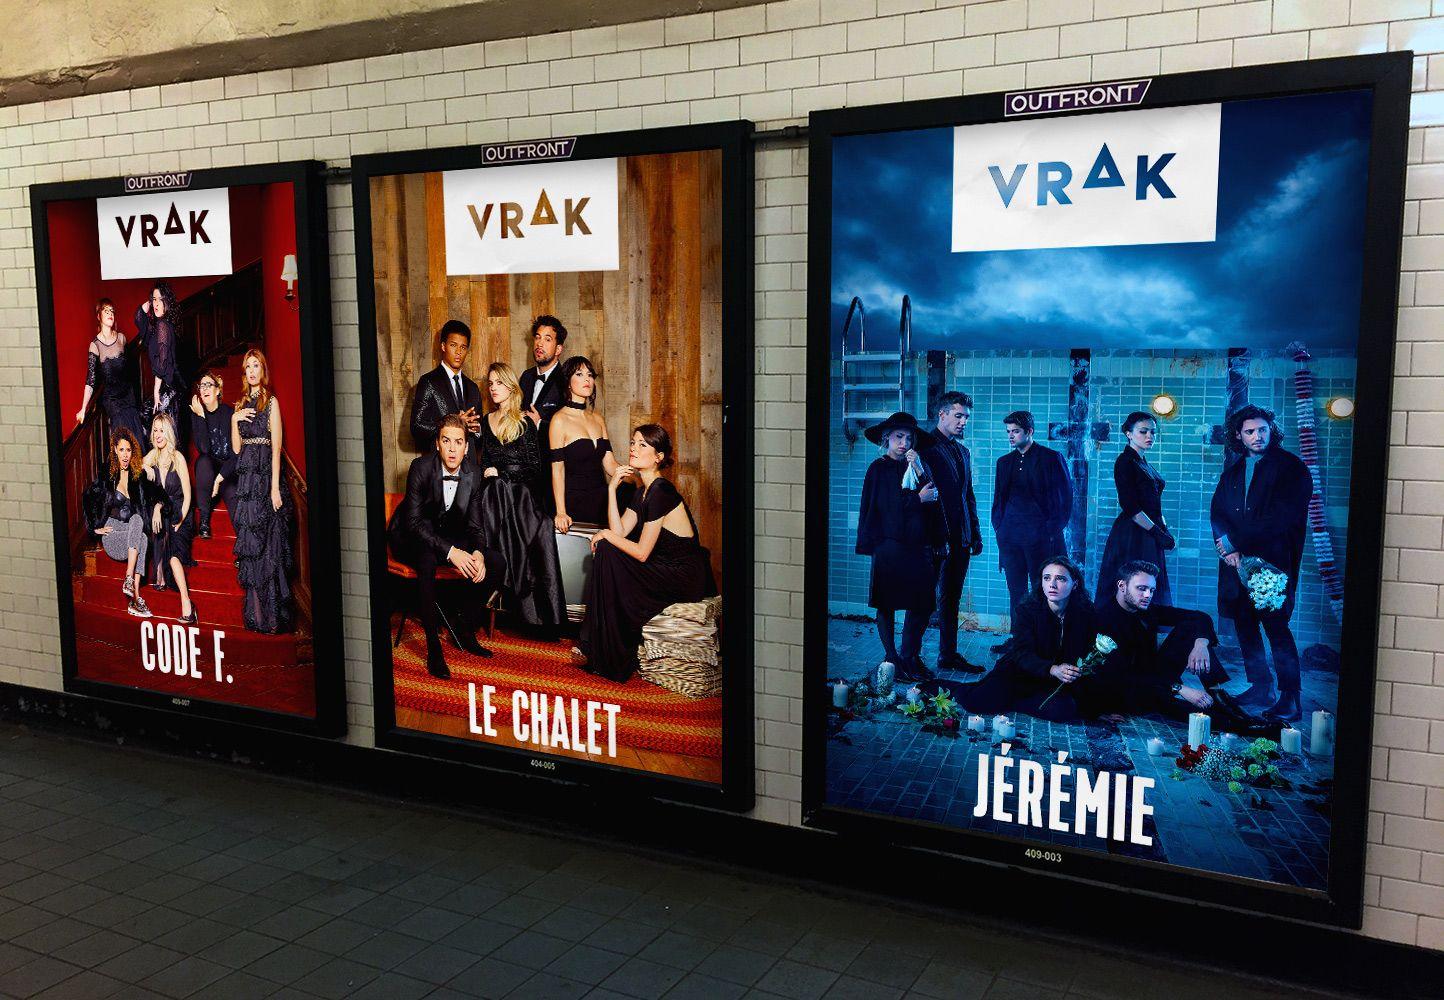 mockup of Vrak channel shows ad shot by Jocelyn Michel